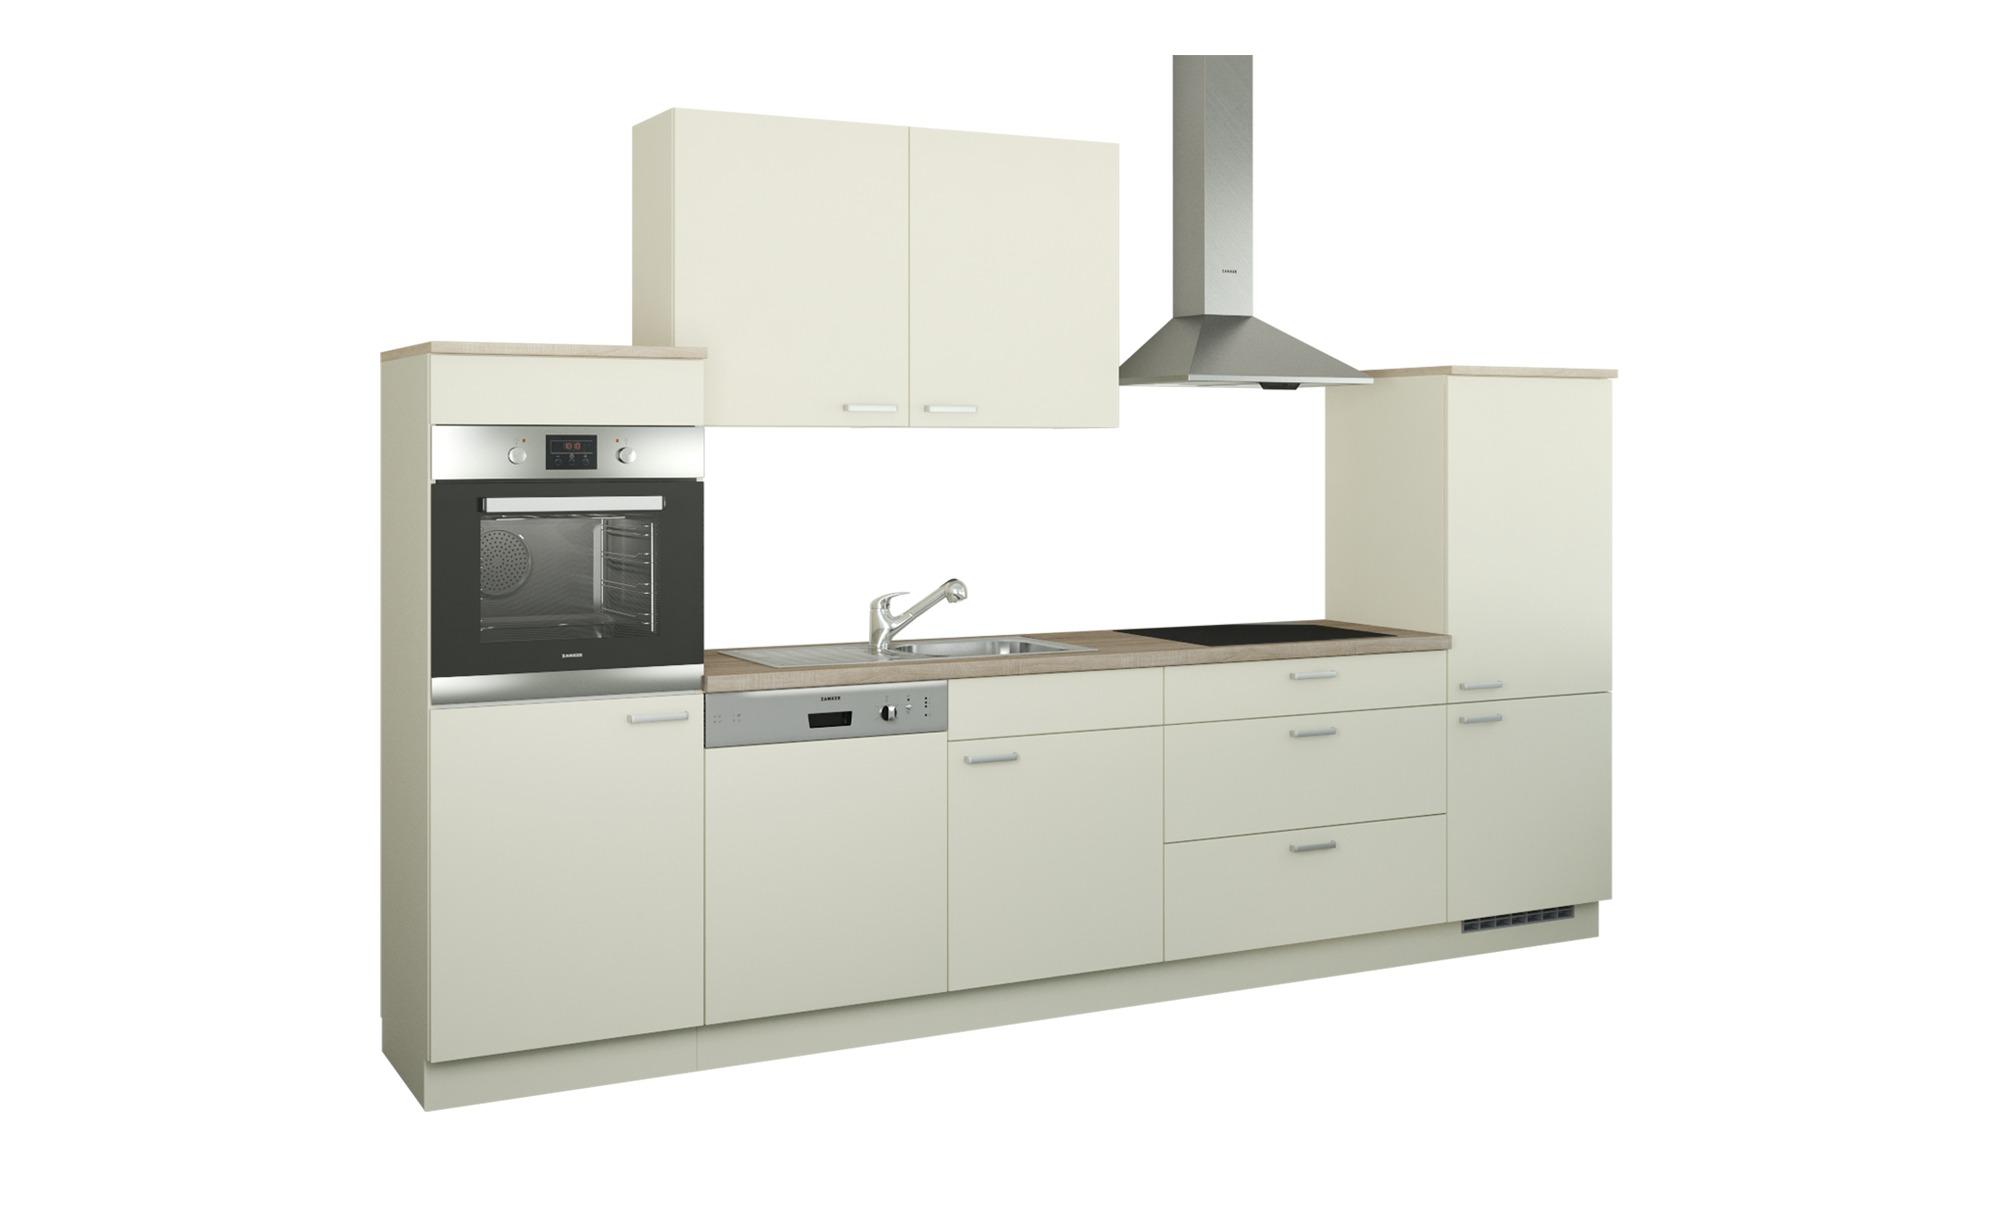 Küchenzeile ohne Elektrogeräte  Neuss ¦ creme ¦ Maße (cm): B: 330 Küchen > Küchenblöcke ohne E-Geräte - Höffner